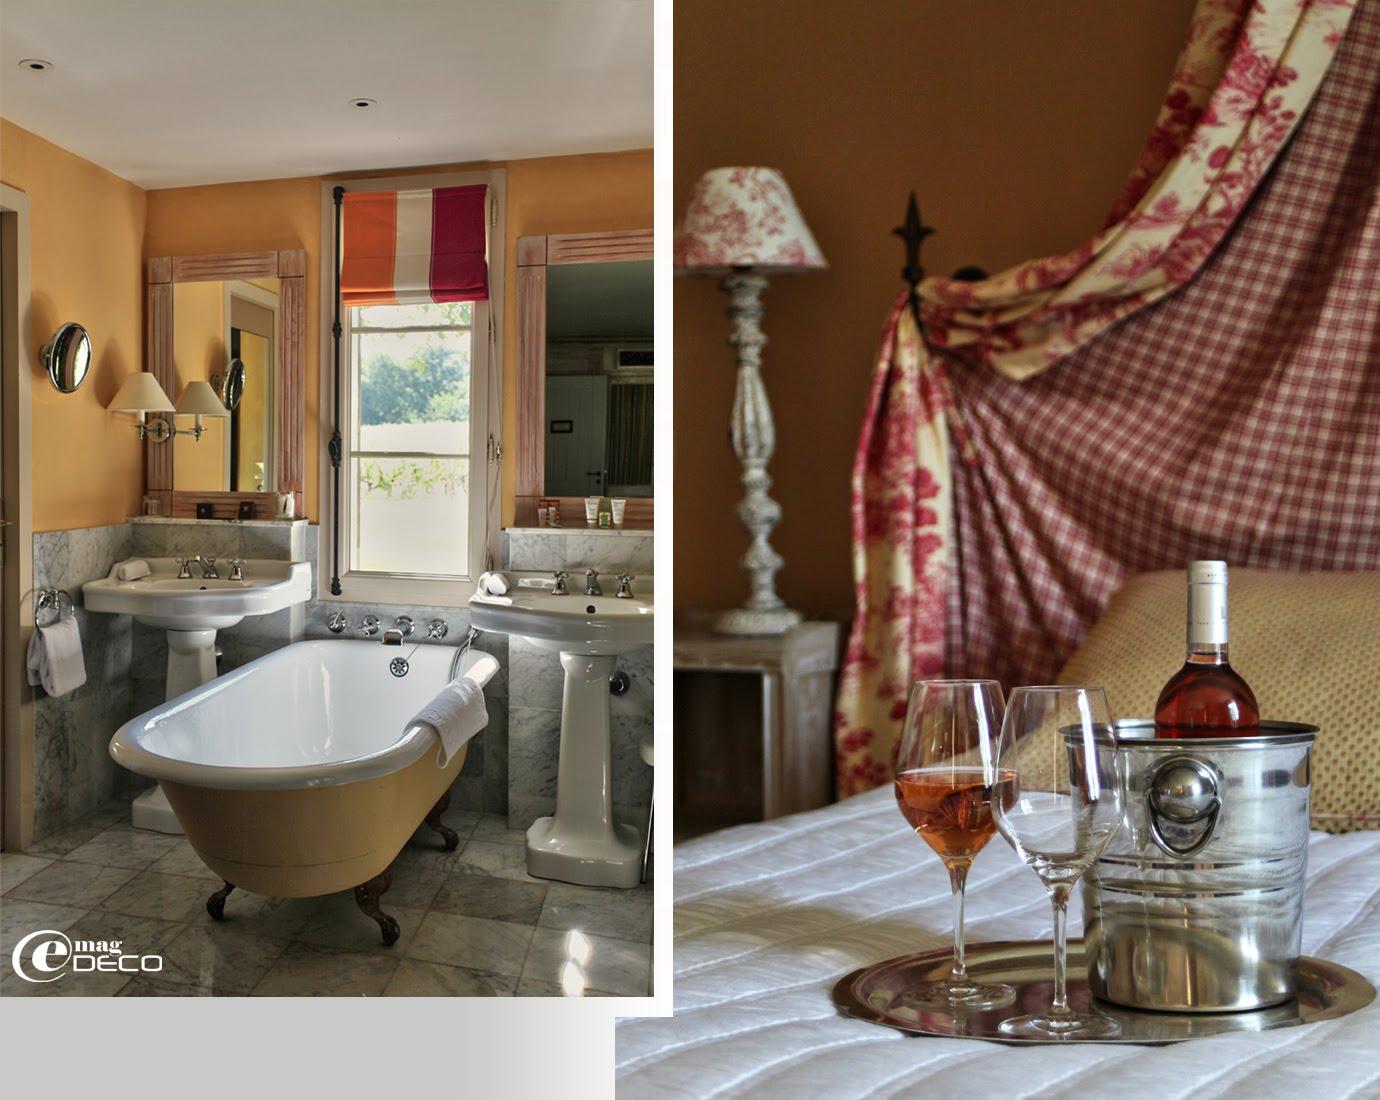 Salle de bain rétro, Les Sources de Caudalie, établissement hôtelier 5 étoiles près de Bordeaux